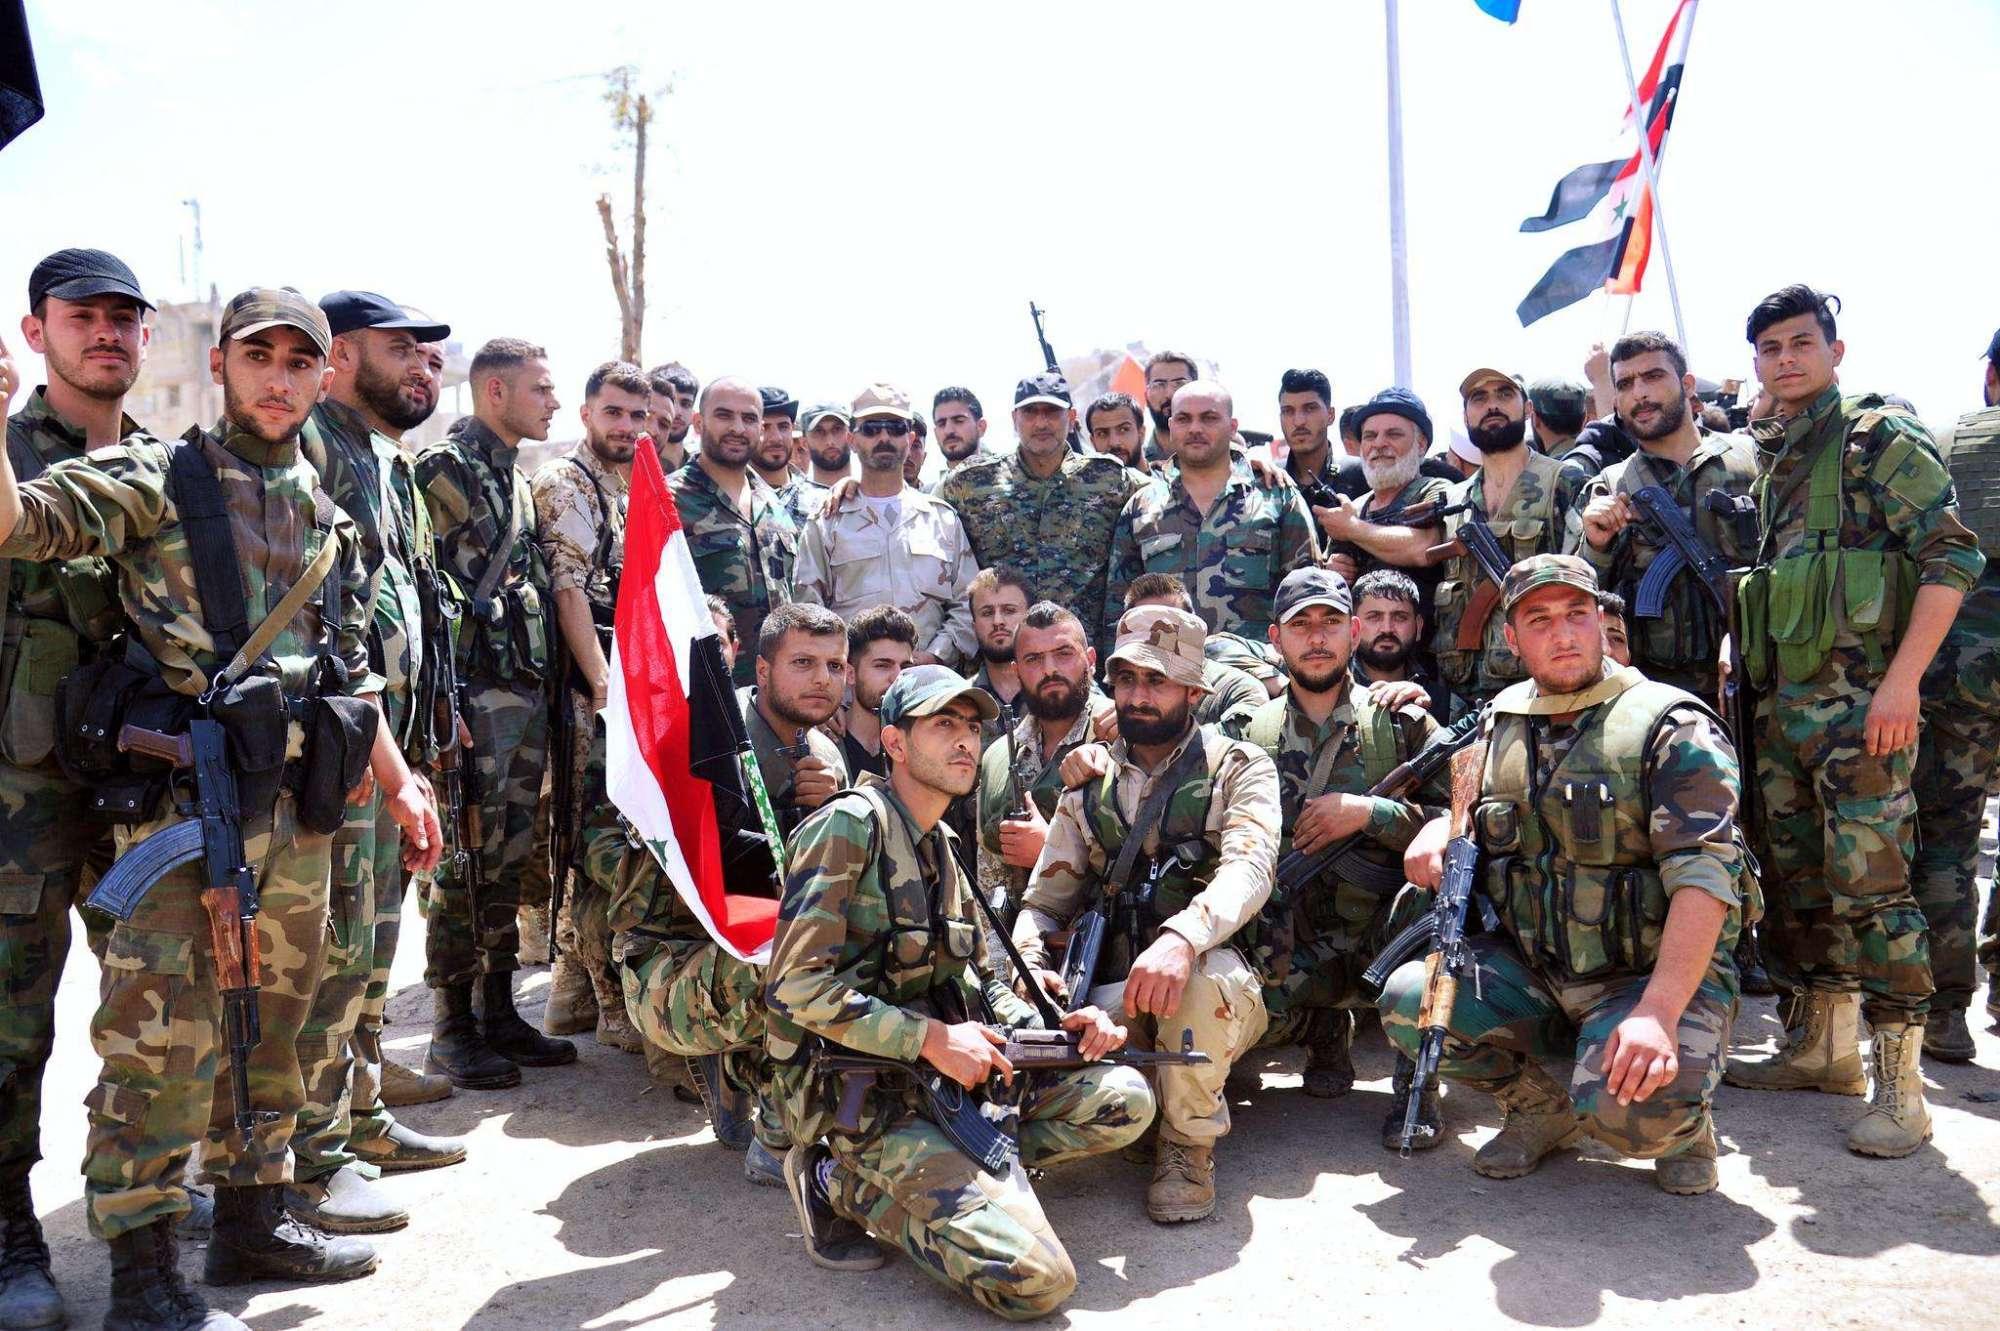 叙俄数万精锐乘胜追击!长驱北上直逼边境,北约强国警告将开战